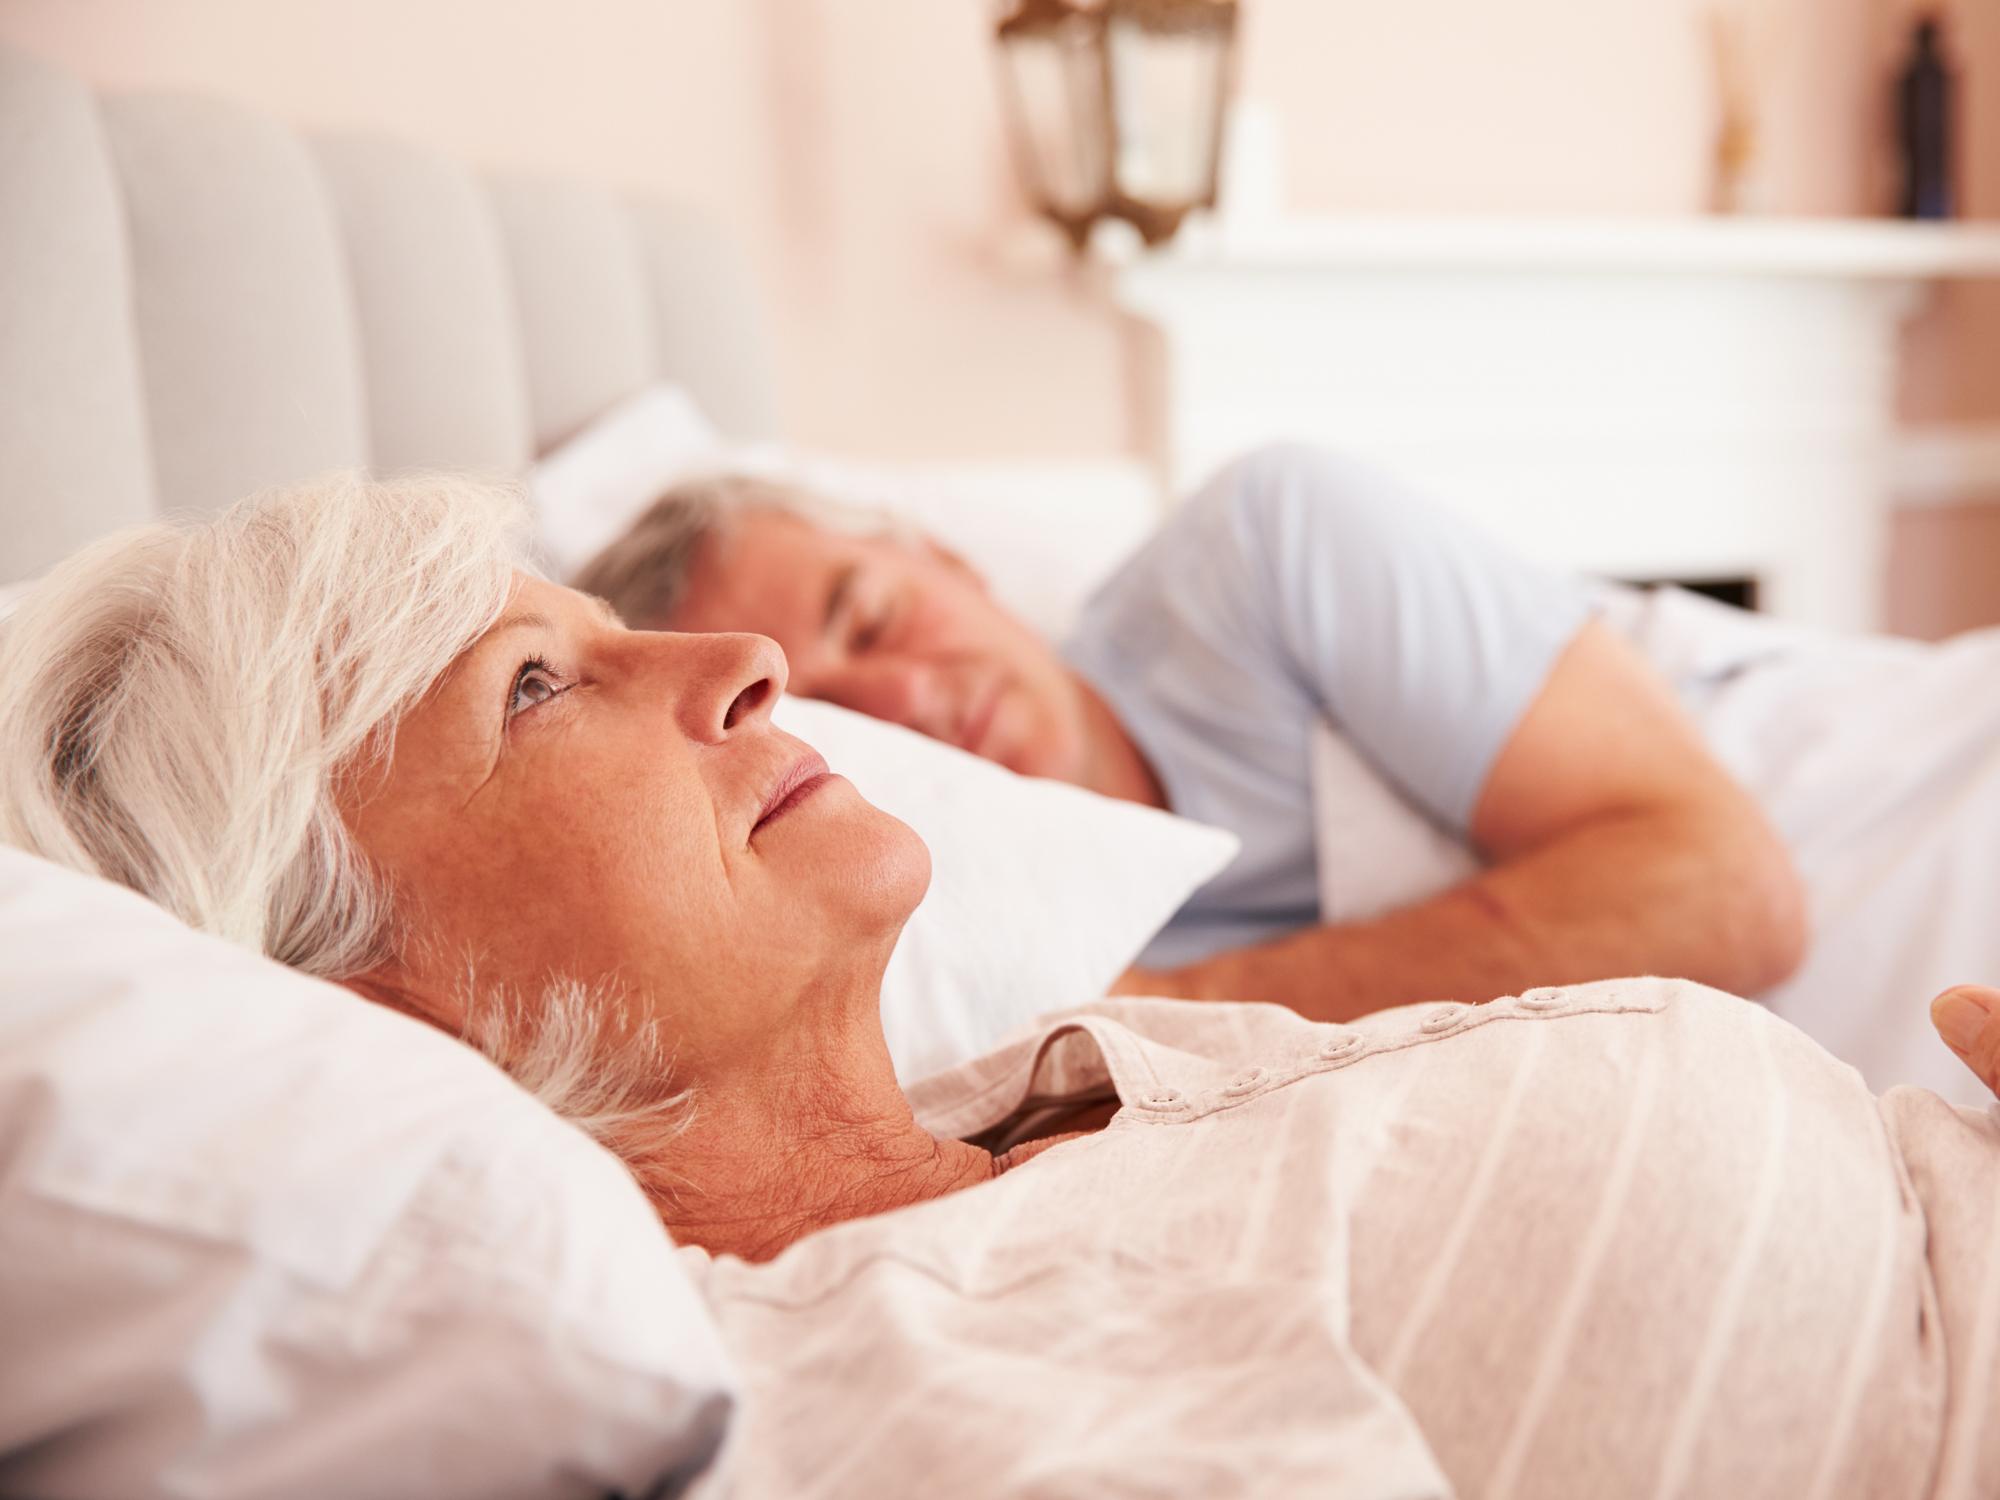 The surprising danger seniors face from sleep loss